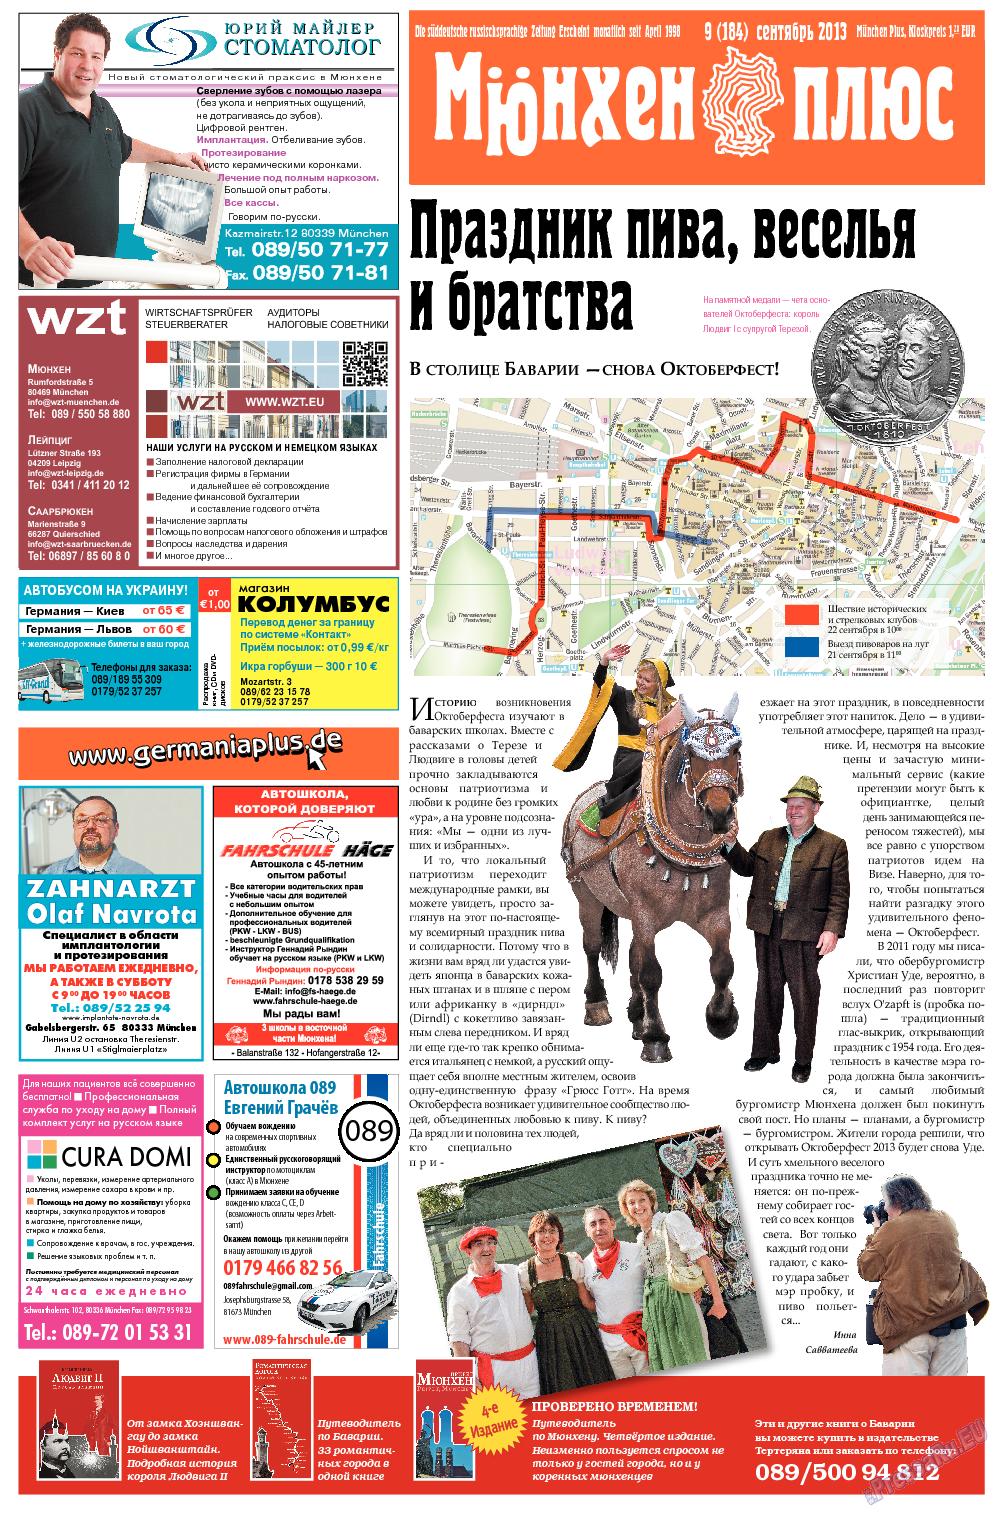 Германия плюс (газета). 2013 год, номер 9, стр. 1